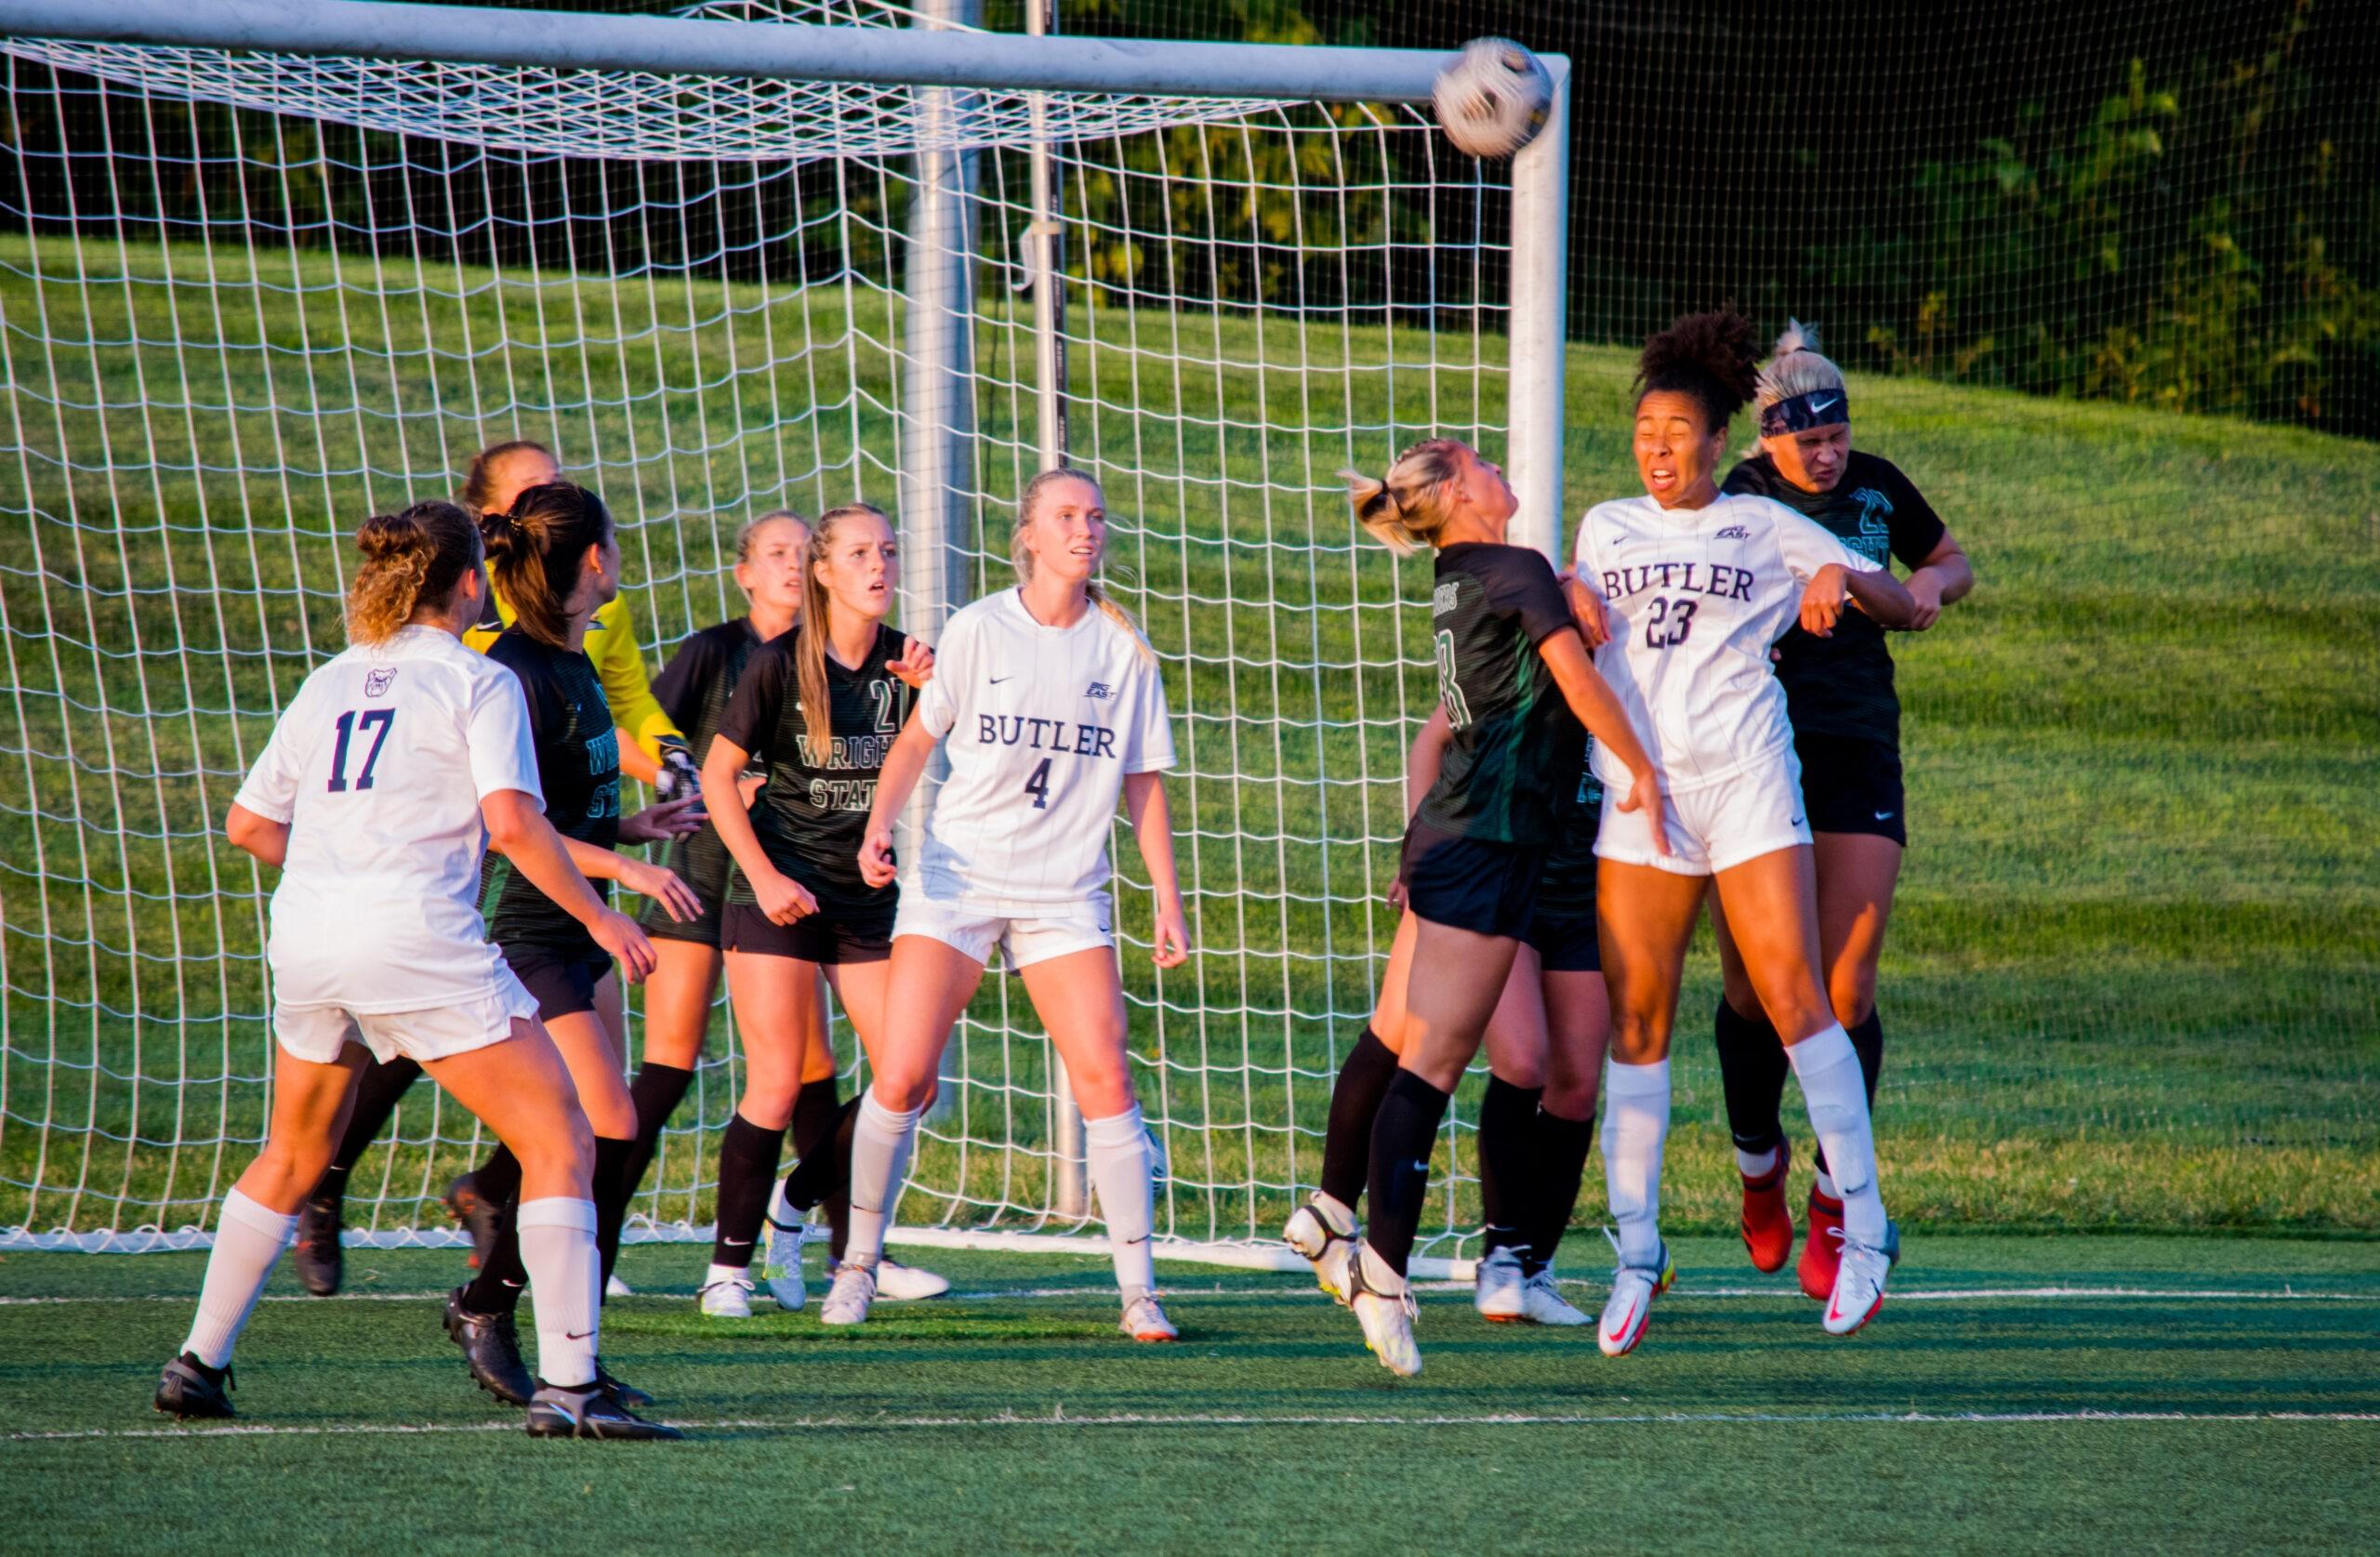 Raiders vs. Butler Women's Soccer Game |